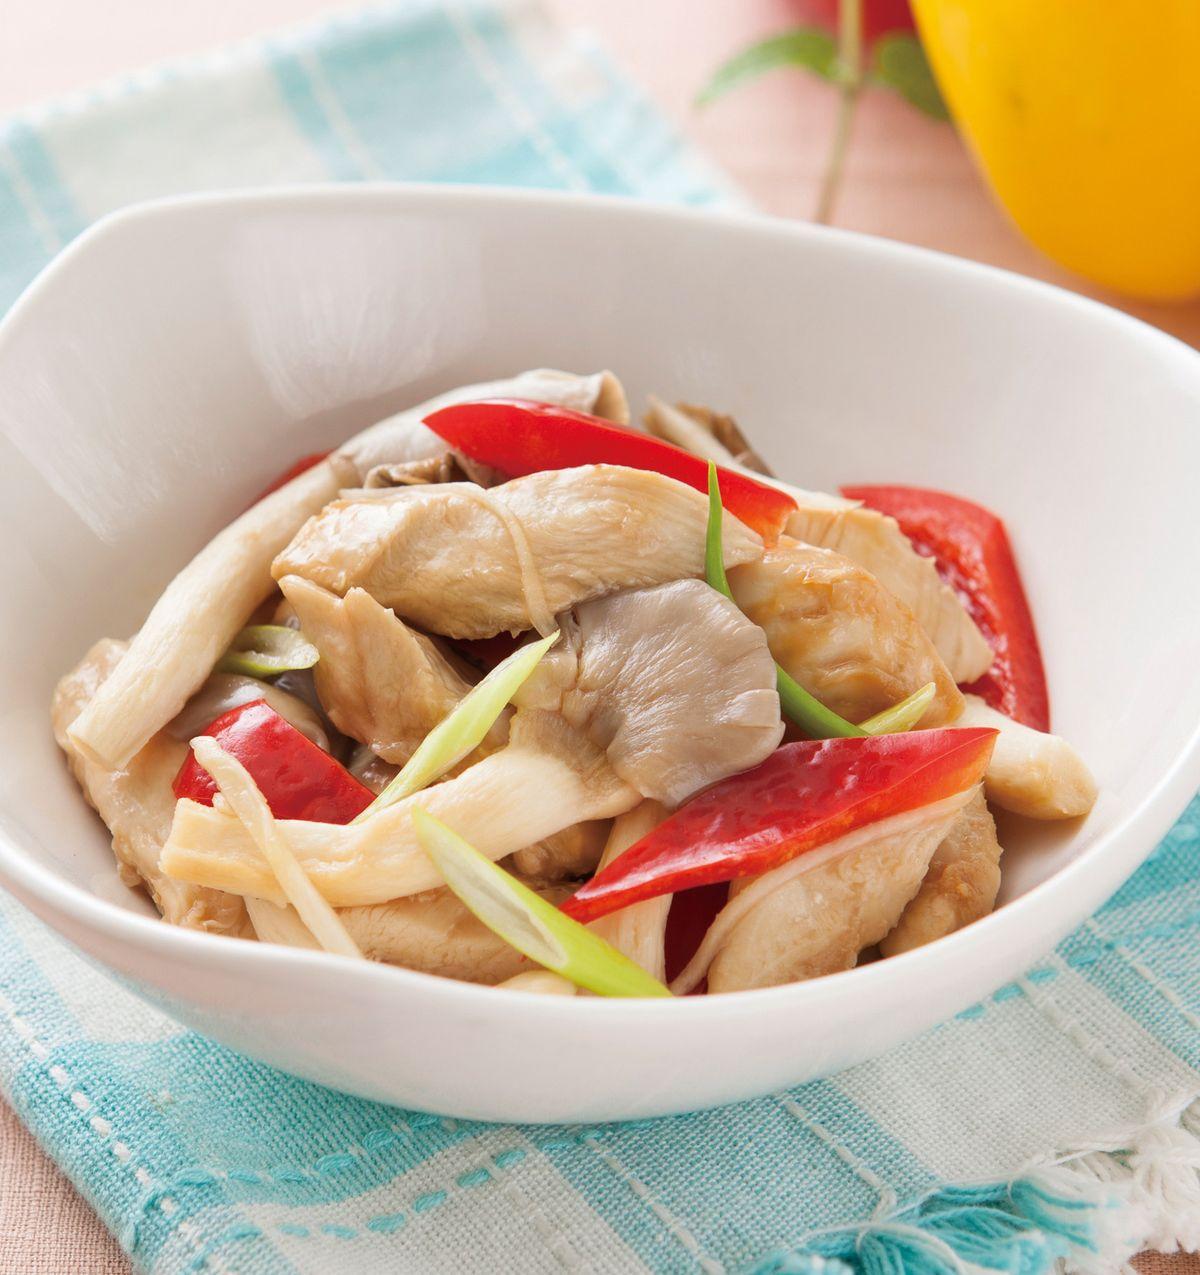 食譜:秀珍菇醬香雞柳